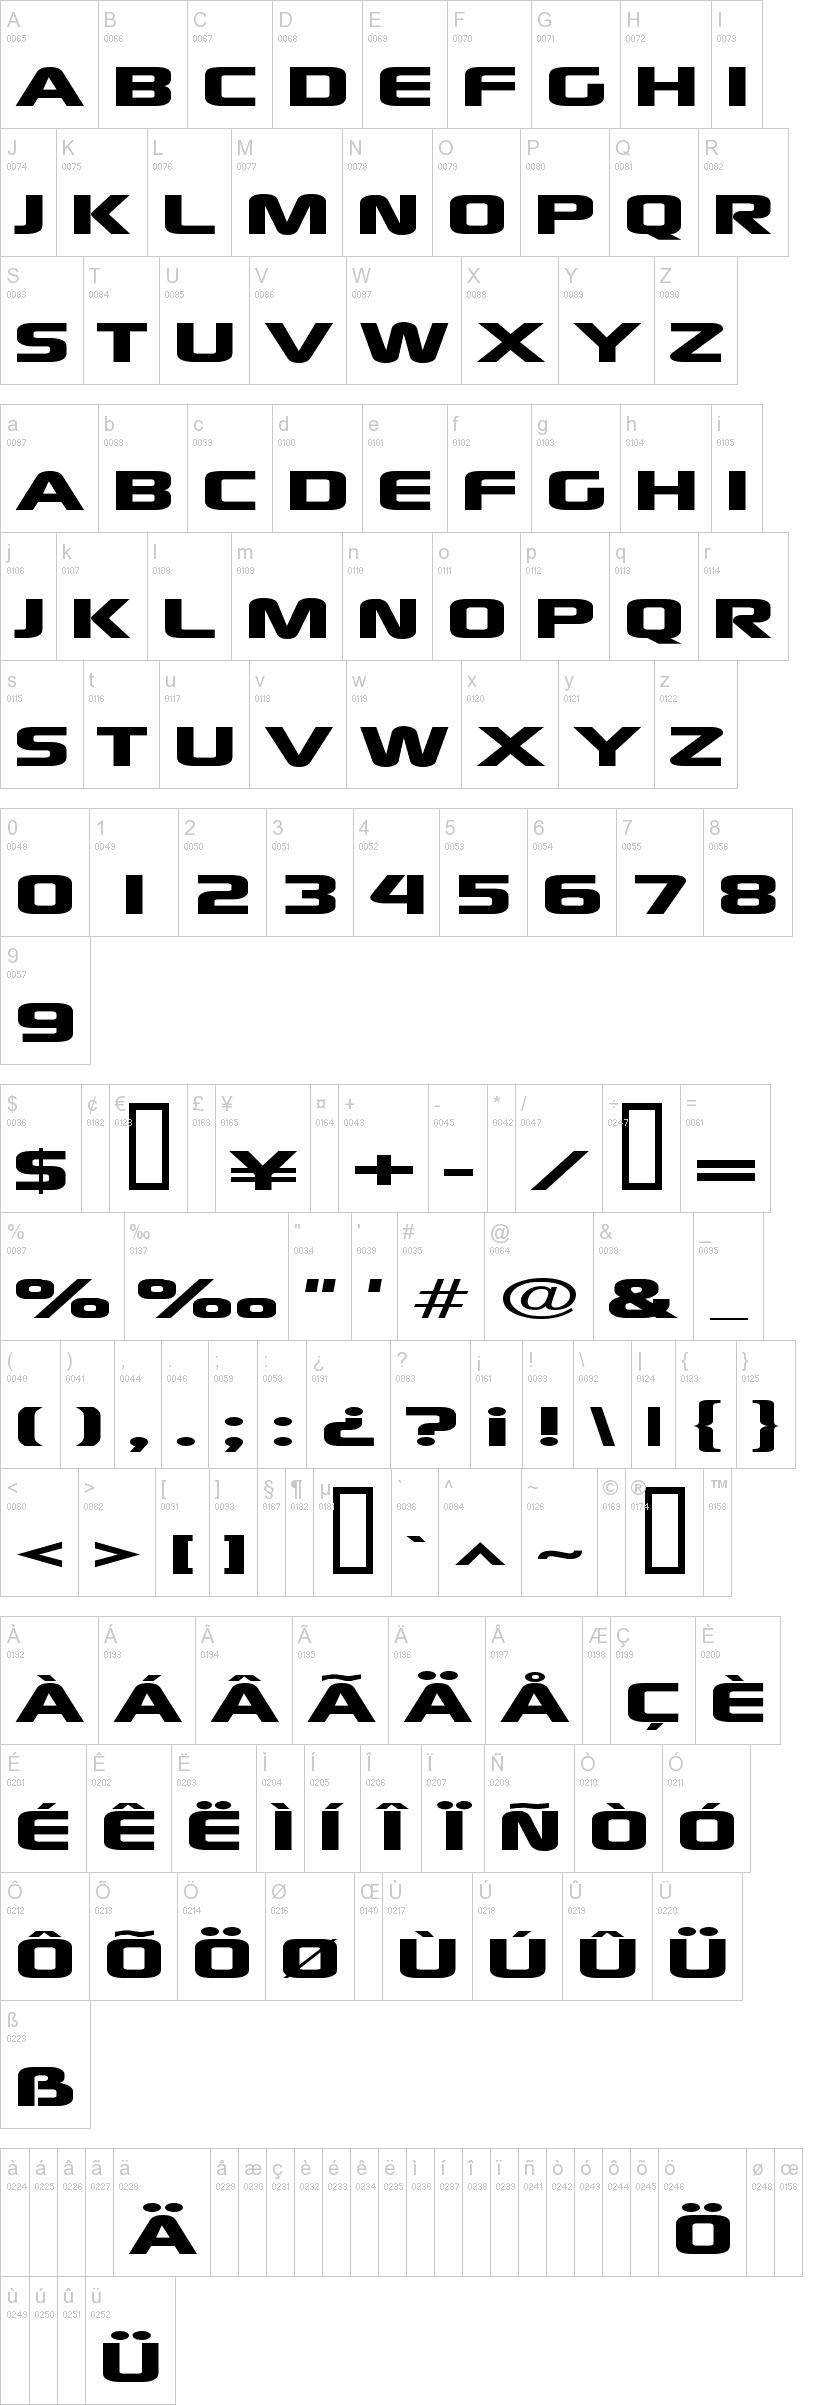 Xscale Font   dafont.com